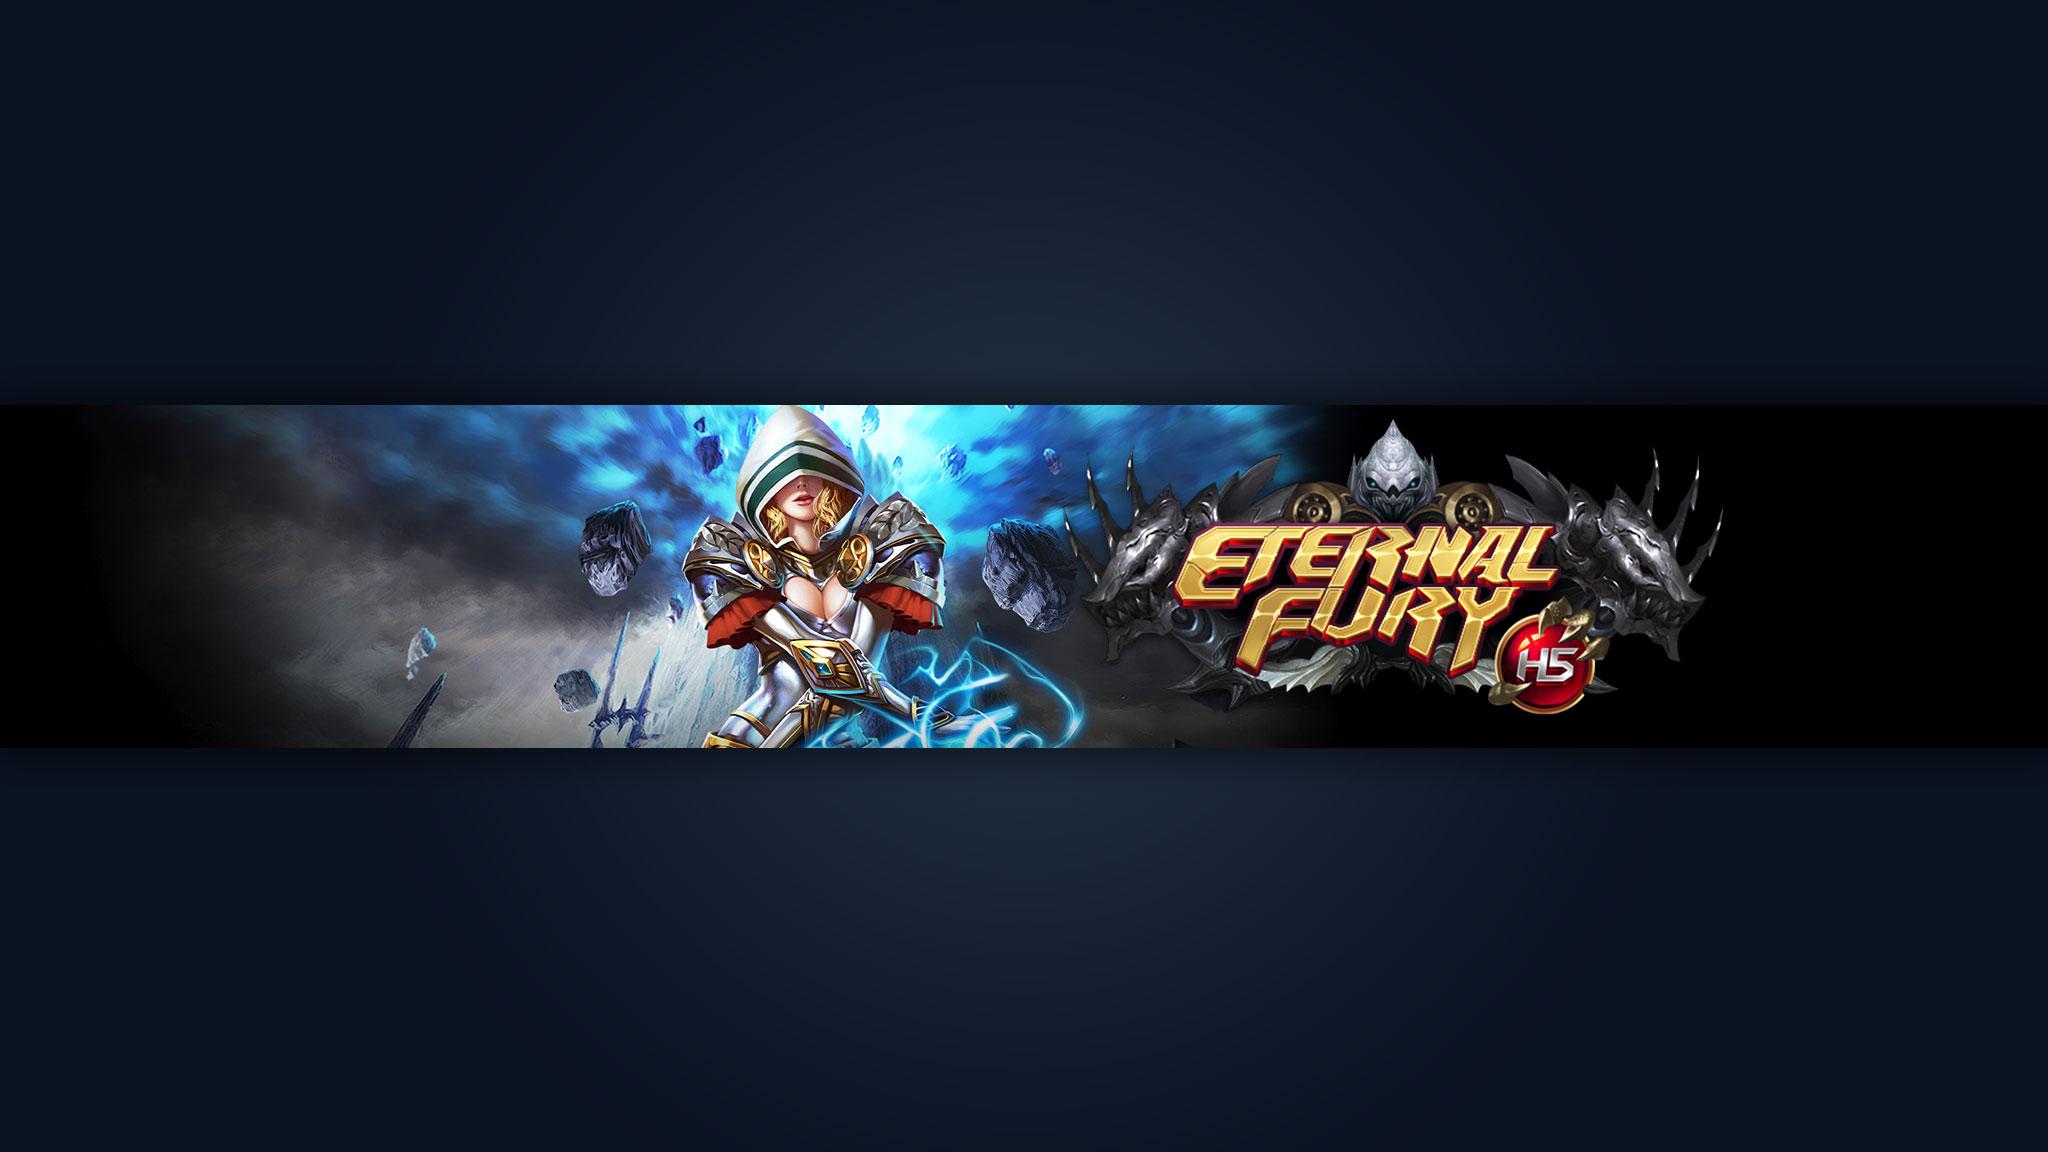 Картинка с текстом по игре Eternal Fury с персонажем на тёмном фоне.